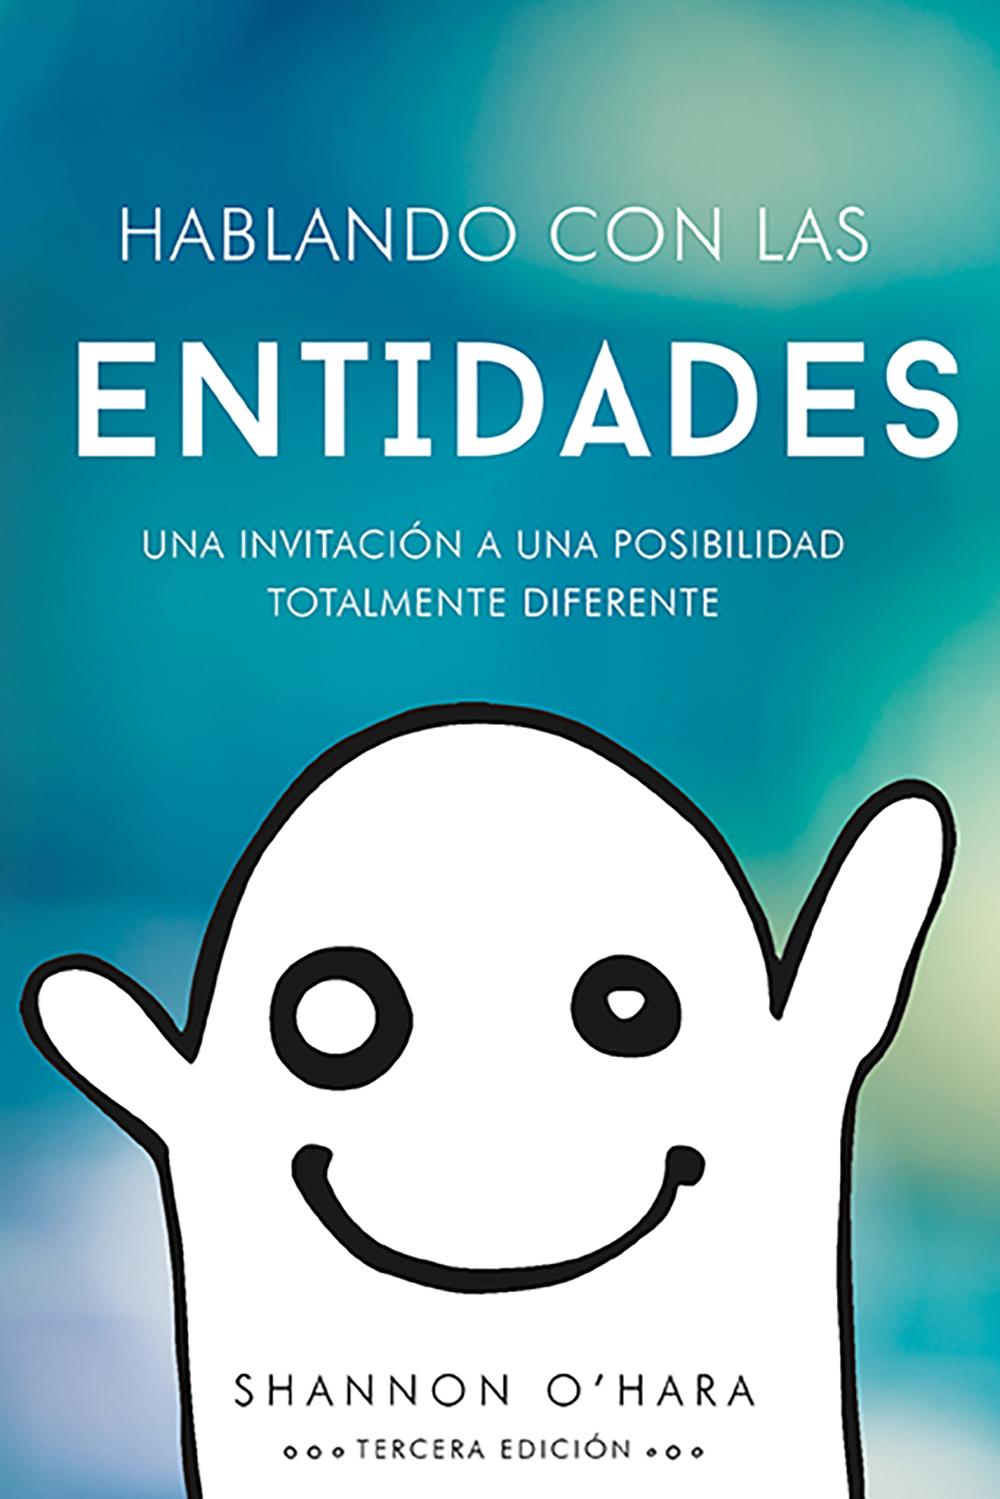 Hablando Con Las Entidades (Talk To The Entities - Spanish Version)